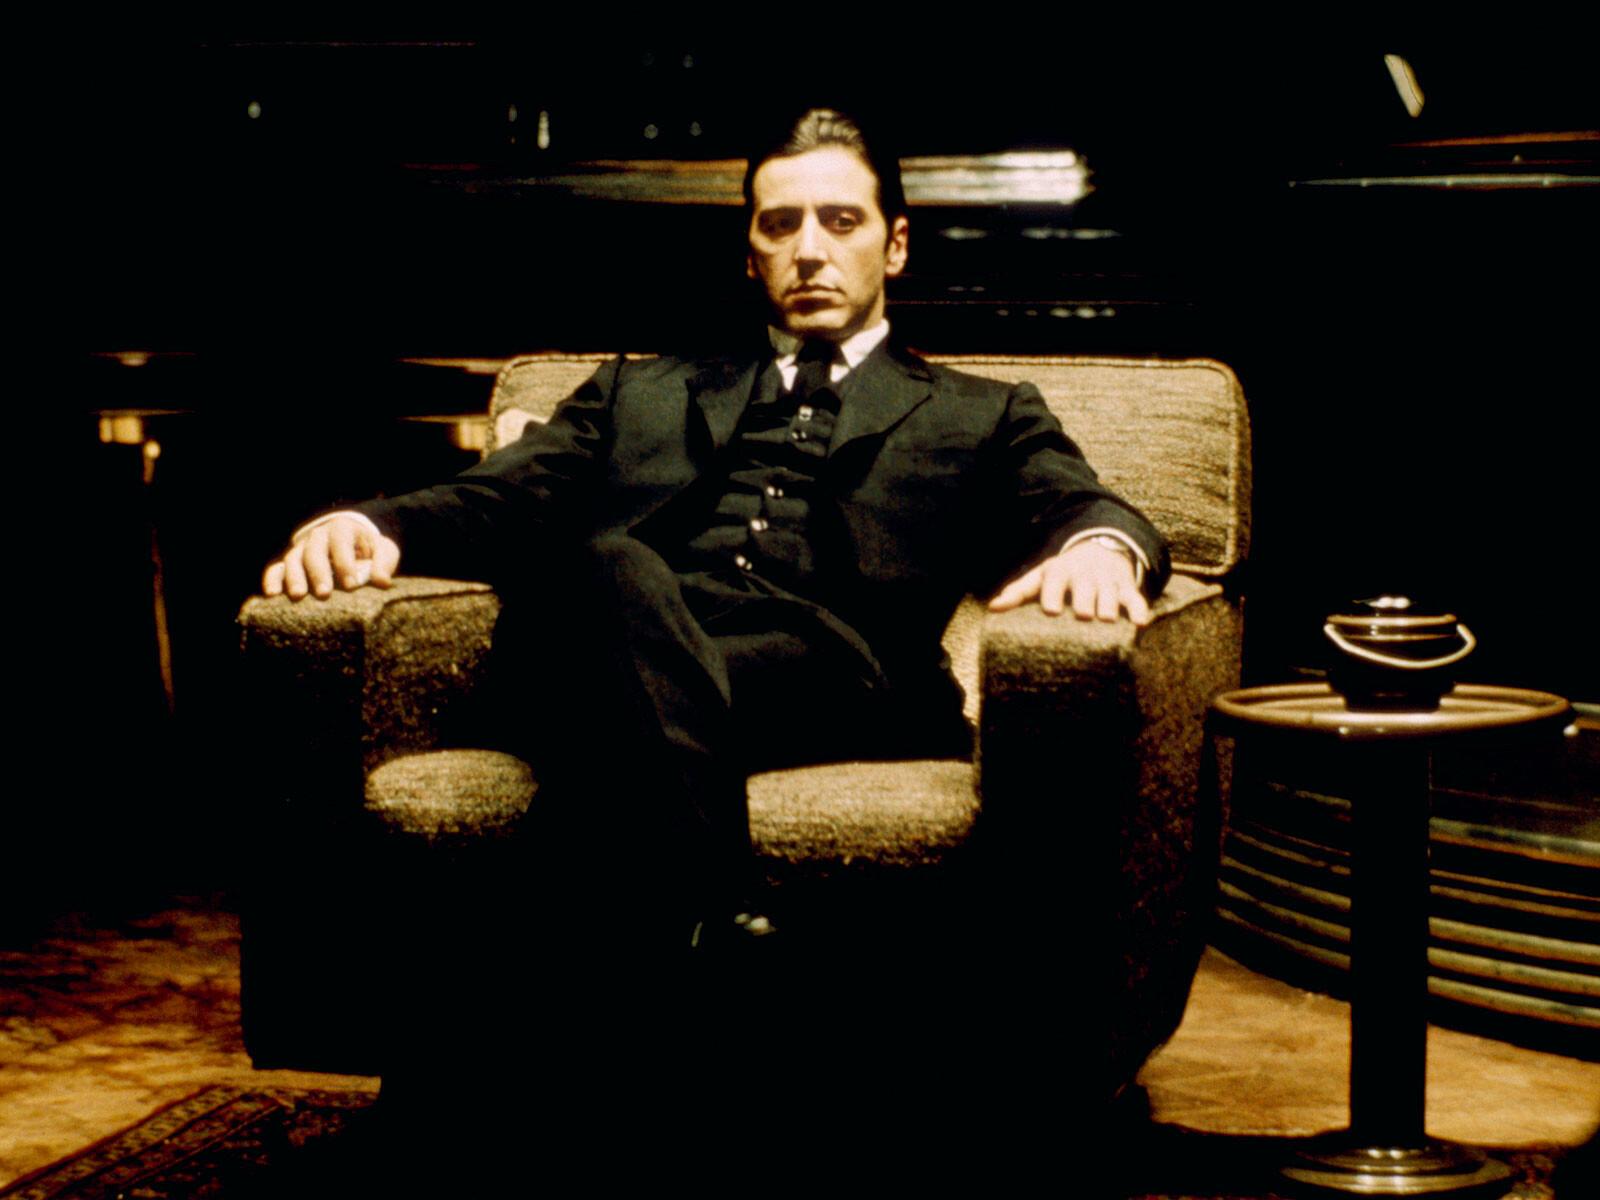 Michael Corleone (Al Pacino) - Francis Ford Coppola